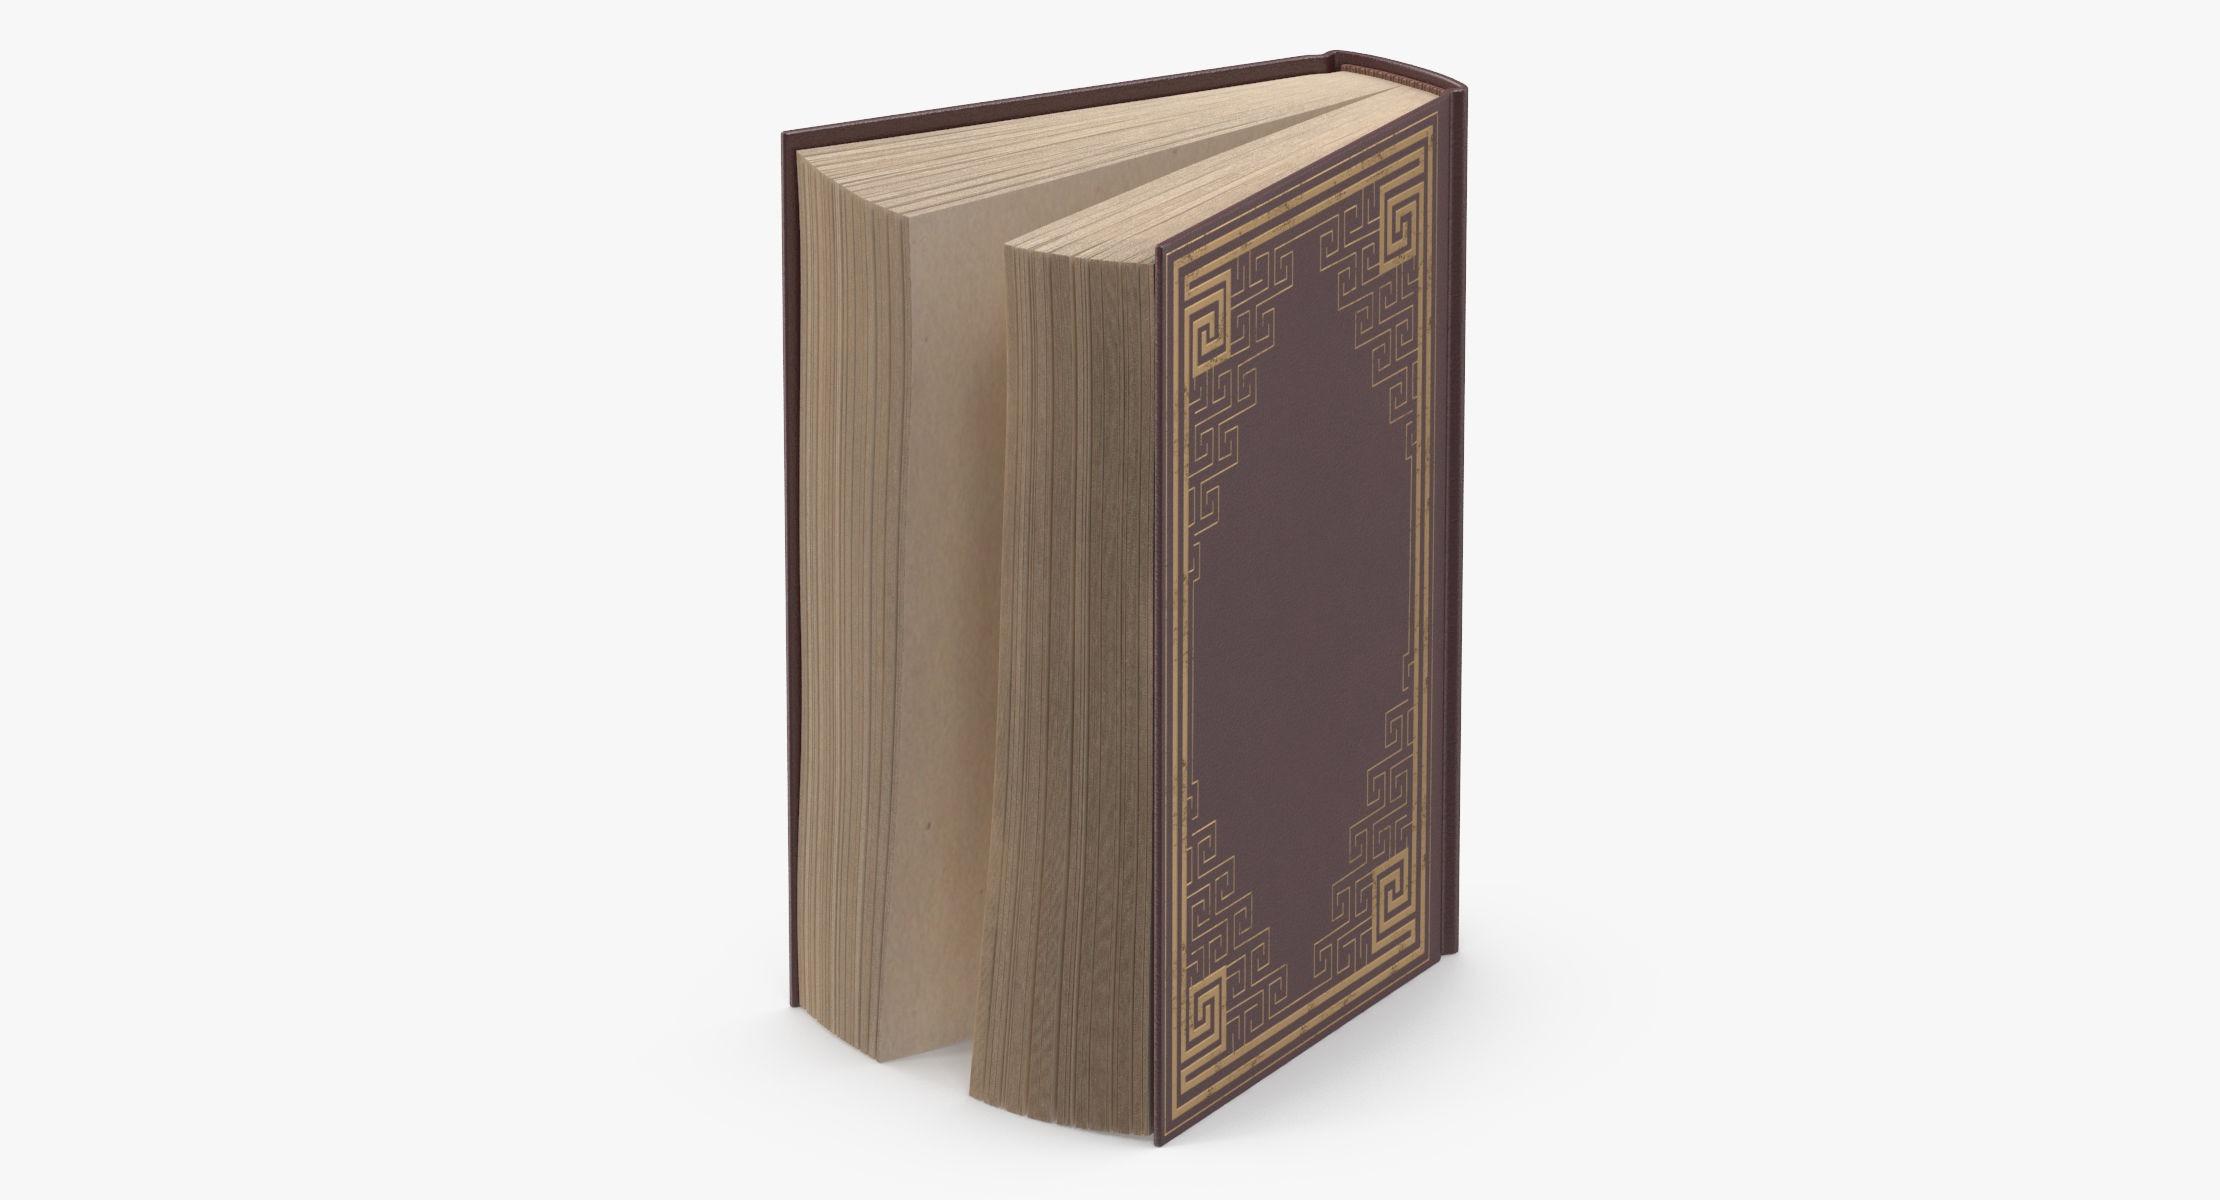 Classic Book 03 Standing Open - reel 1